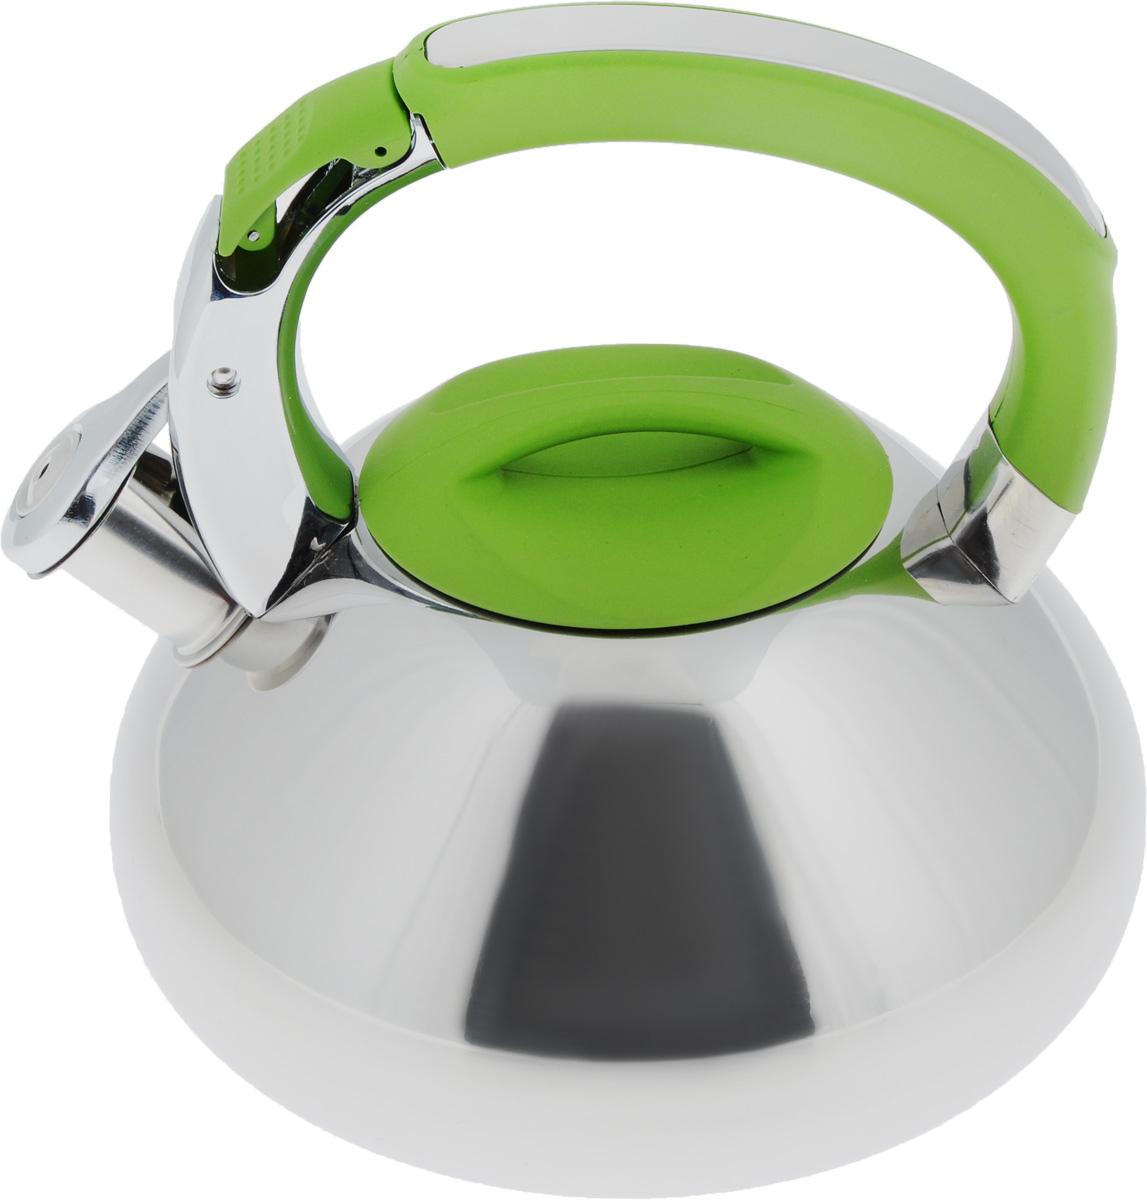 Чайник Mayer & Boch, со свистком, цвет: зеленый, 2,9 л. 2359123591Чайник Mayer & Boch выполнен из высококачественной нержавеющей стали, что обеспечивает долговечность использования. Внешнее зеркальноепокрытие придает приятный внешний вид. Фиксированная ручка из нейлона делает использование чайника очень удобным и безопасным. Чайник снабжен свистком и устройством для открывания носика, которое находится на ручке. Можно мыть в посудомоечной машине. Пригоден для всех видов плит, включая индукционные.Высота чайника (без учета крышки и ручки): 11,5 см.Высота чайника (с учетом ручки и крышки): 21,5 см. Диаметр по верхнему краю: 10 см.